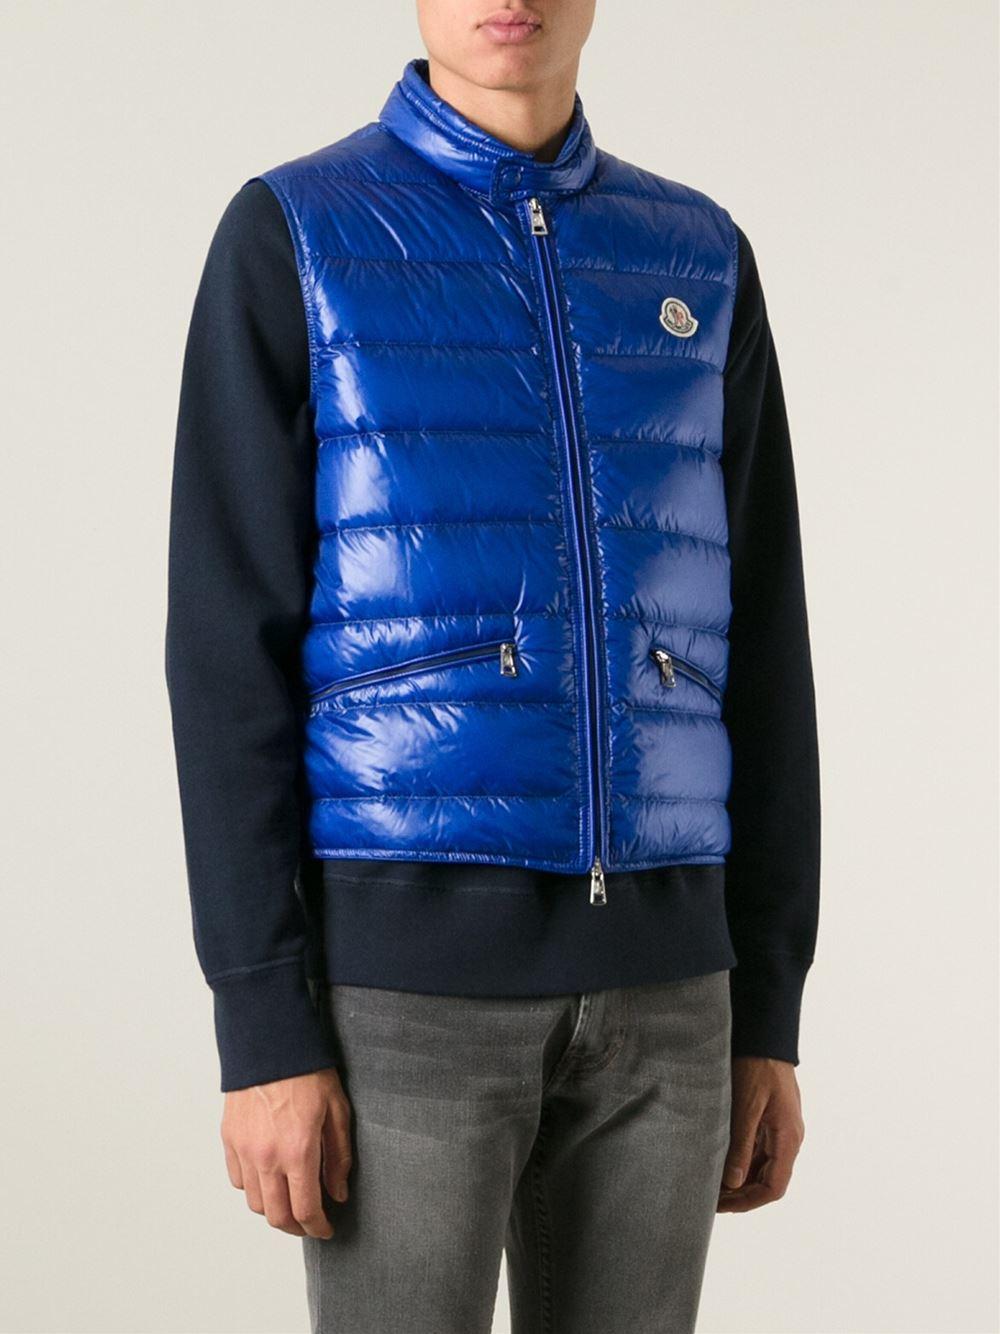 76ac7a551 moncler gui gilet blue | Sheffield Senators